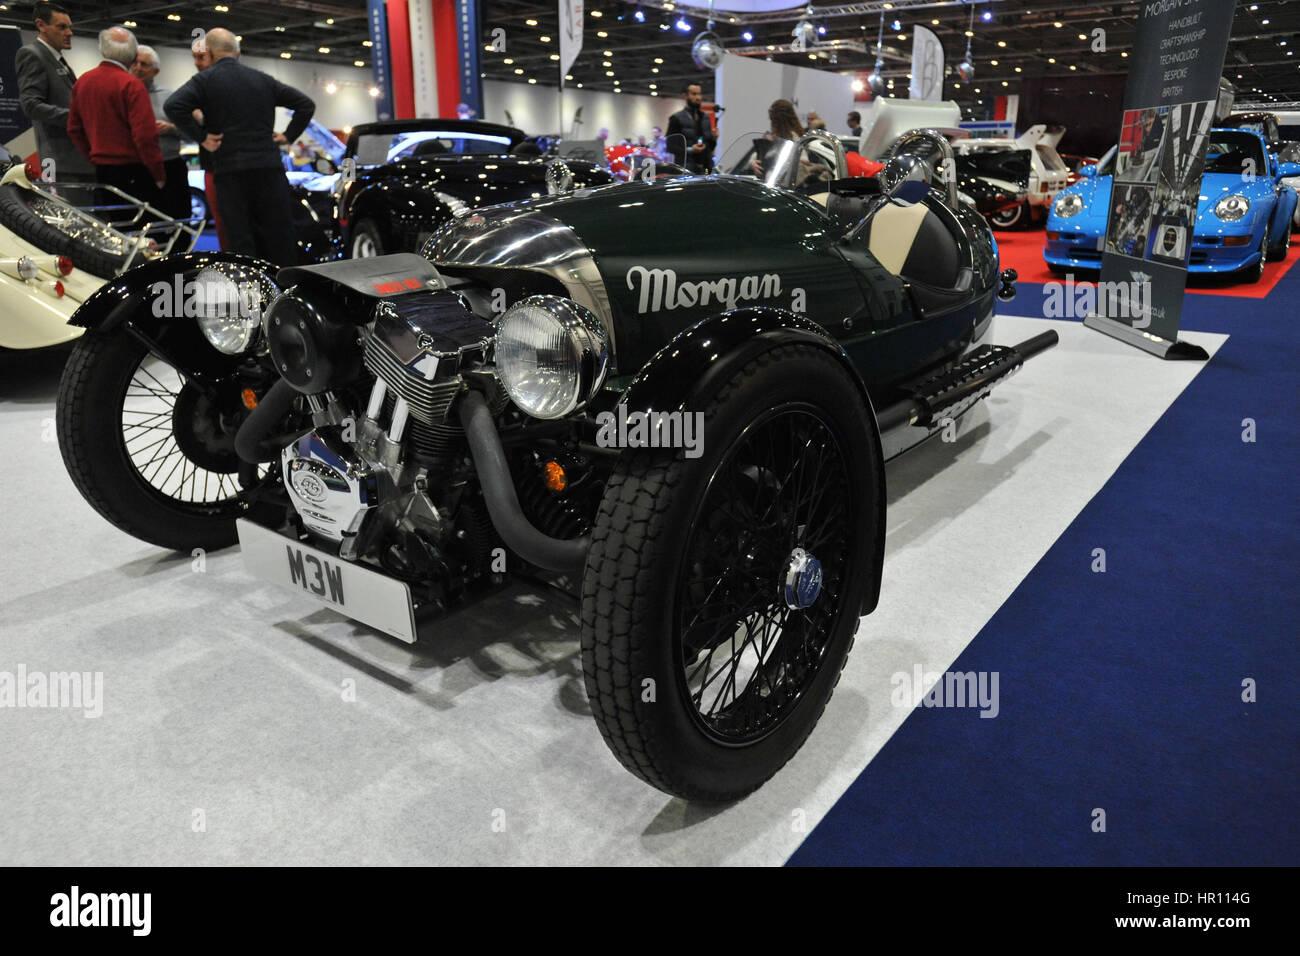 Ein Morgan 3 Wheeler auf dem Display an der London Classic Car Show im ExCel London stattfindet.  Mehr als 800 der Stockbild